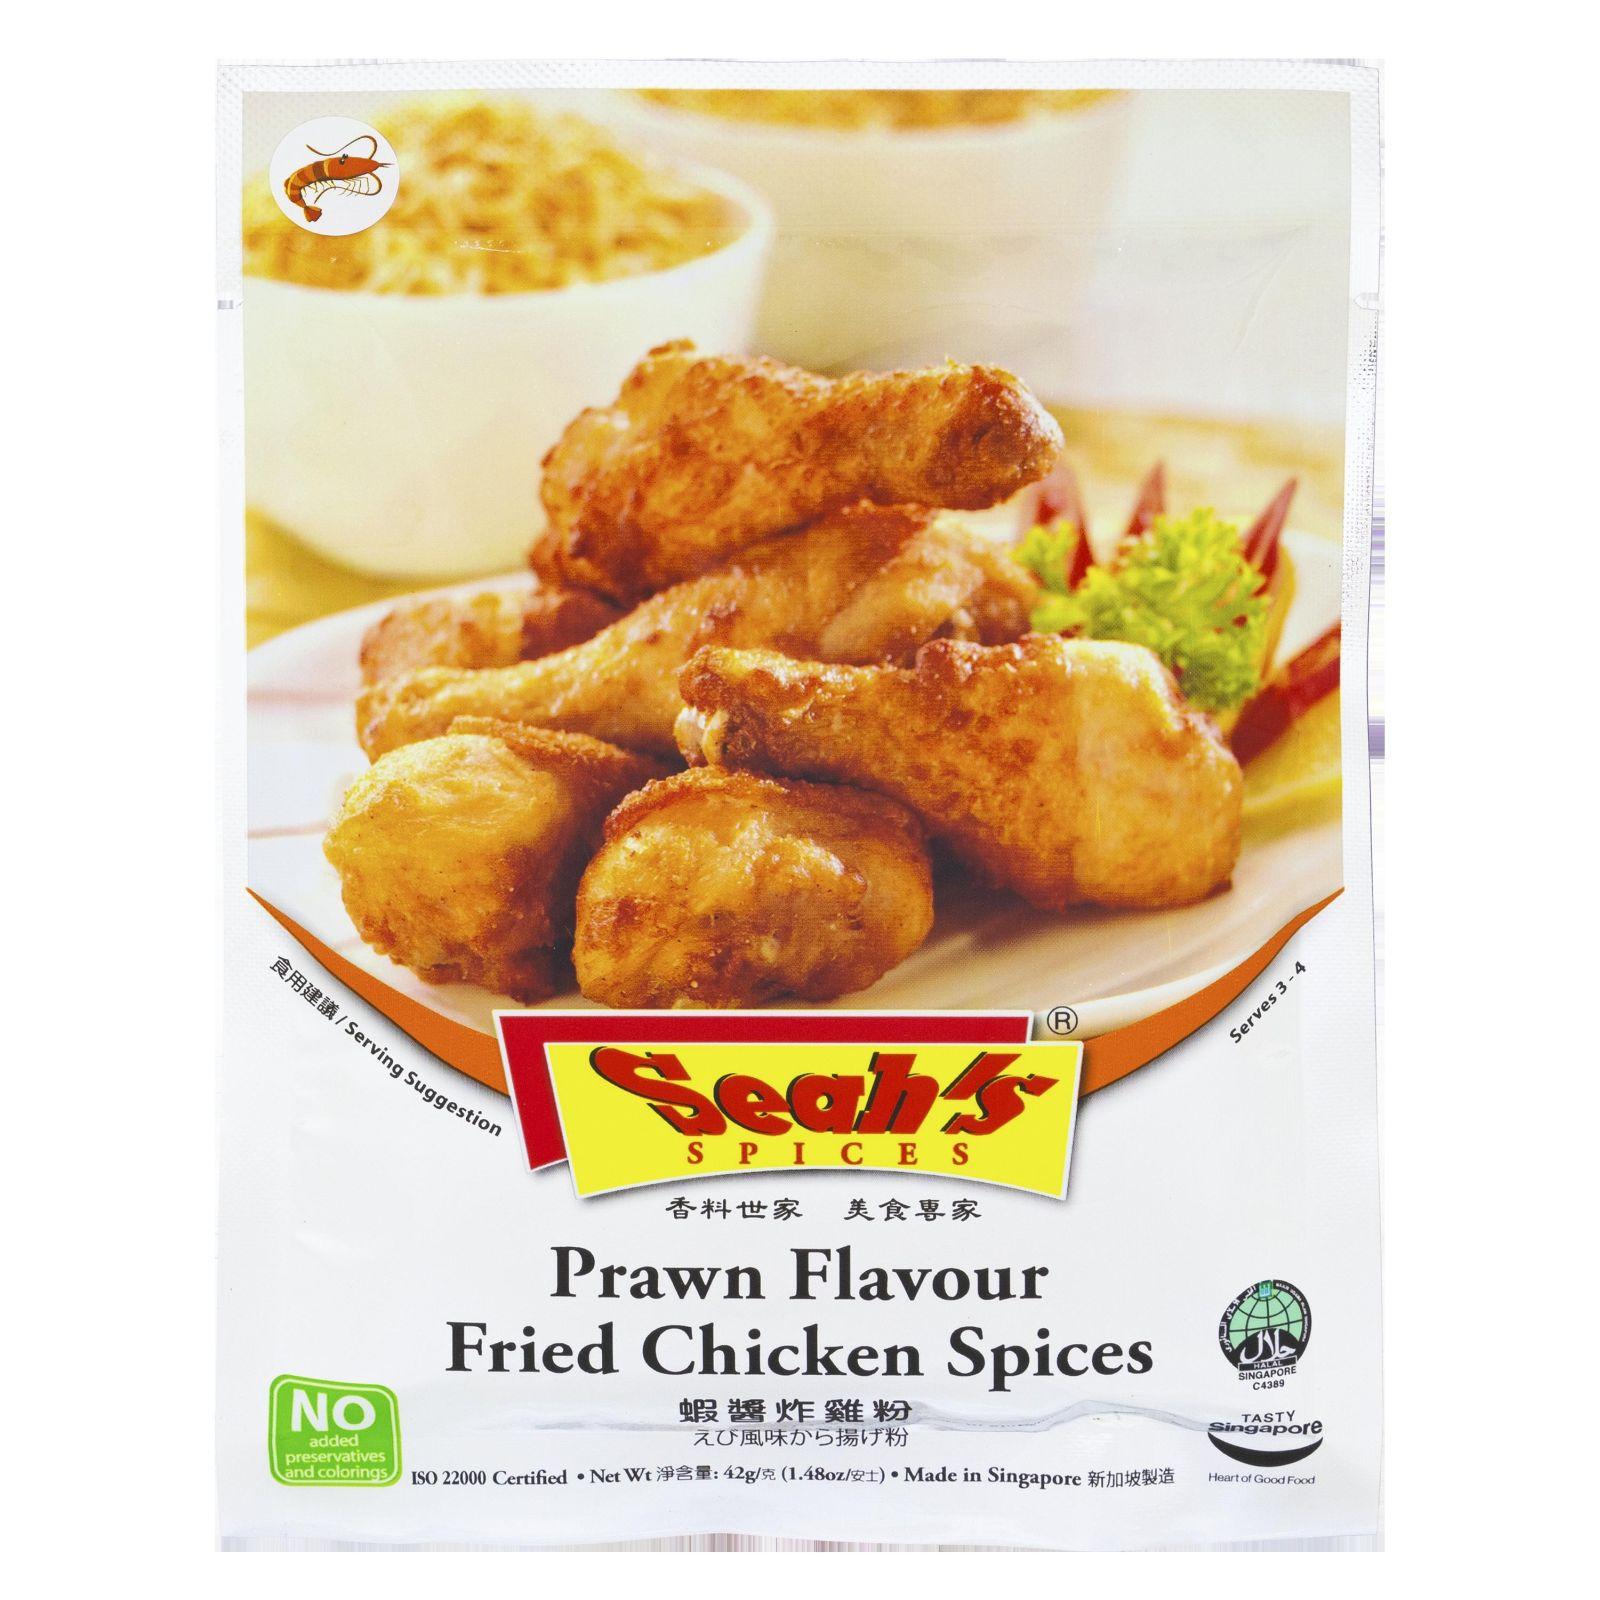 Prawn Flavour Fried Chicken Spices